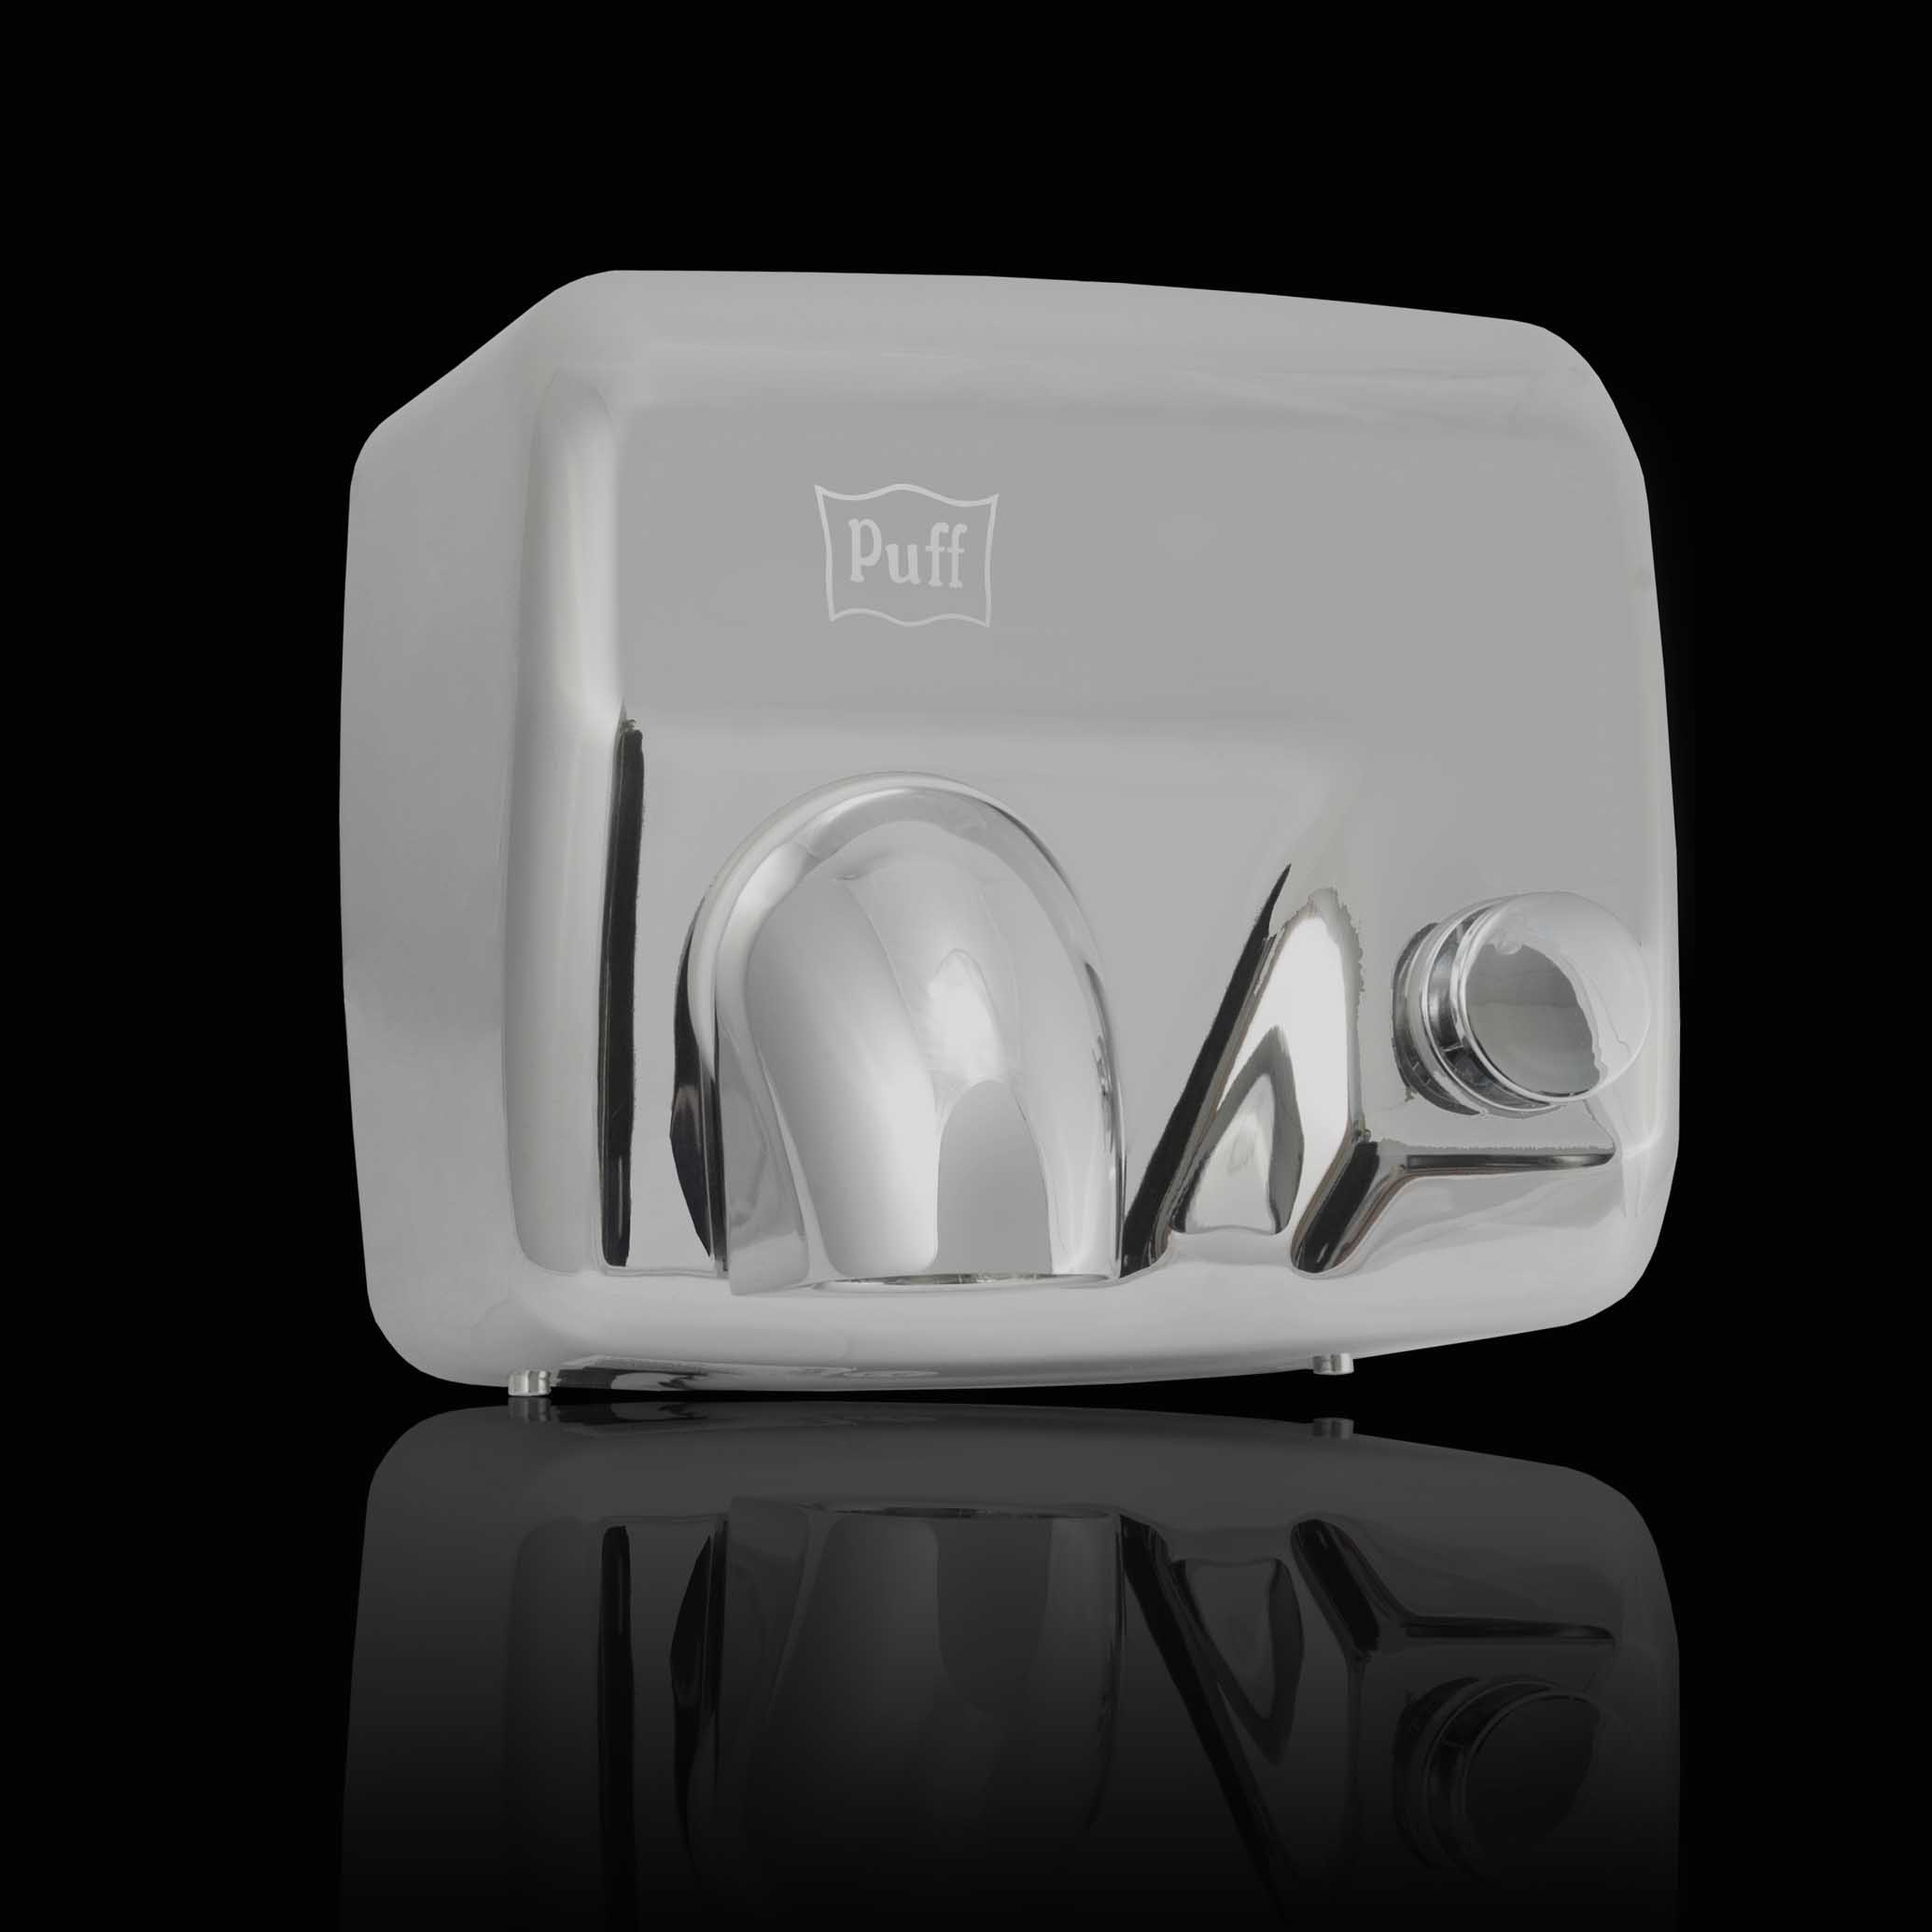 АнтивандальнаяВысокоскоростная сушилка для рукPuff-8844 Корпус сделан из высококачественной нержавеющей стали #SUS 304.Имеет усиленную изоляцию и кнопку ручного включения. Подходит для мест с повышенной и средней проходимостью.  Материал корпуса: нержавеющая стальЦвет: хромМощность (Вт): 2300Скорость воздушного потока (м/сек): 30Время сушки рук (сек): 10-12Механизм включения: автоматическийОбласть срабатывания сенсора, см: 5-20Уровень шума, дБ: 70Температура воздушного потока, С: 40-54°СКласс влагозащищенности: IPX1Защита от перегрева/перегрузки: даВес брутто/нетто, кг: 5,3/4,8Габаритные размеры (мм) (ШхГхВ): 258х200х232Гарантия: 12 мес.